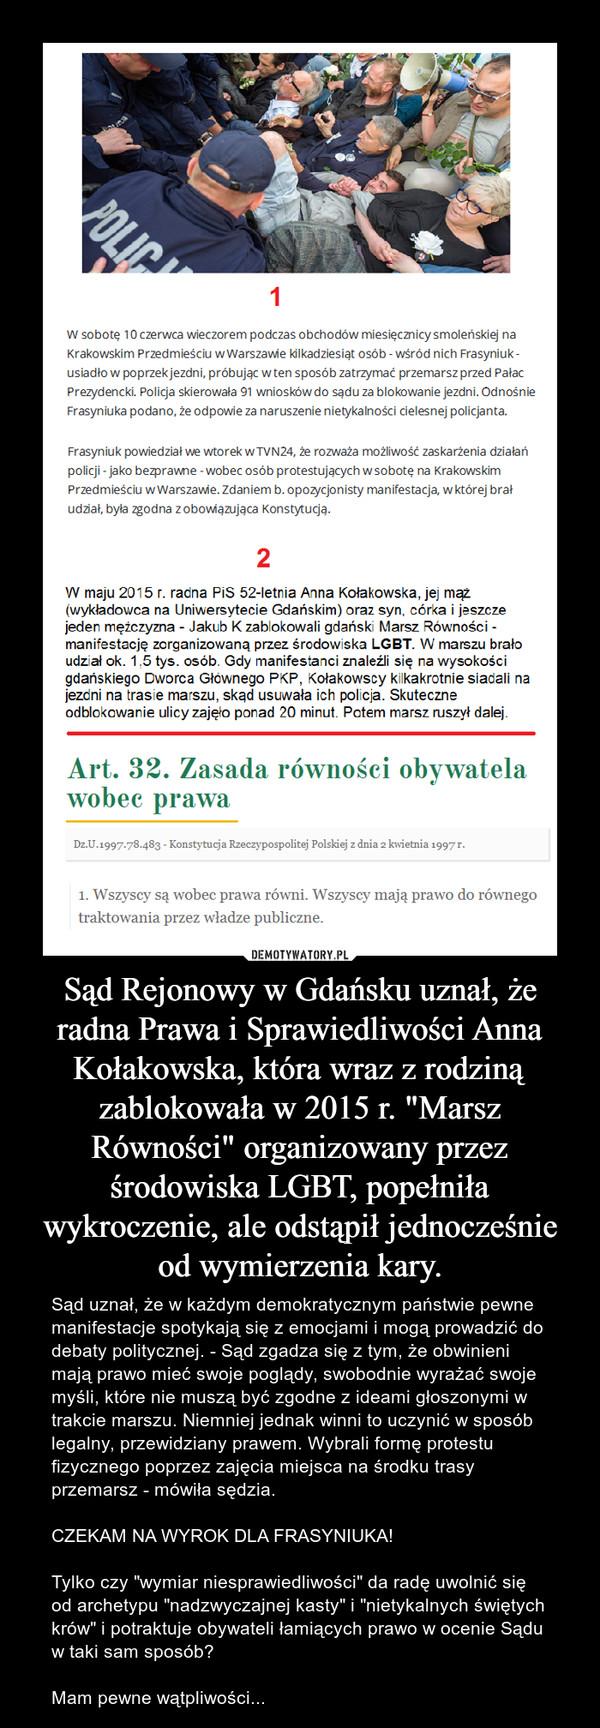 """Sąd Rejonowy w Gdańsku uznał, że radna Prawa i Sprawiedliwości Anna Kołakowska, która wraz z rodziną zablokowała w 2015 r. """"Marsz Równości"""" organizowany przez środowiska LGBT, popełniła wykroczenie, ale odstąpił jednocześnie od wymierzenia kary. – Sąd uznał, że w każdym demokratycznym państwie pewne manifestacje spotykają się z emocjami i mogą prowadzić do debaty politycznej. - Sąd zgadza się z tym, że obwinieni mają prawo mieć swoje poglądy, swobodnie wyrażać swoje myśli, które nie muszą być zgodne z ideami głoszonymi w trakcie marszu. Niemniej jednak winni to uczynić w sposób legalny, przewidziany prawem. Wybrali formę protestu fizycznego poprzez zajęcia miejsca na środku trasy przemarsz - mówiła sędzia. CZEKAM NA WYROK DLA FRASYNIUKA!Tylko czy """"wymiar niesprawiedliwości"""" da radę uwolnić się od archetypu """"nadzwyczajnej kasty"""" i """"nietykalnych świętych krów"""" i potraktuje obywateli łamiących prawo w ocenie Sądu w taki sam sposób?Mam pewne wątpliwości..."""